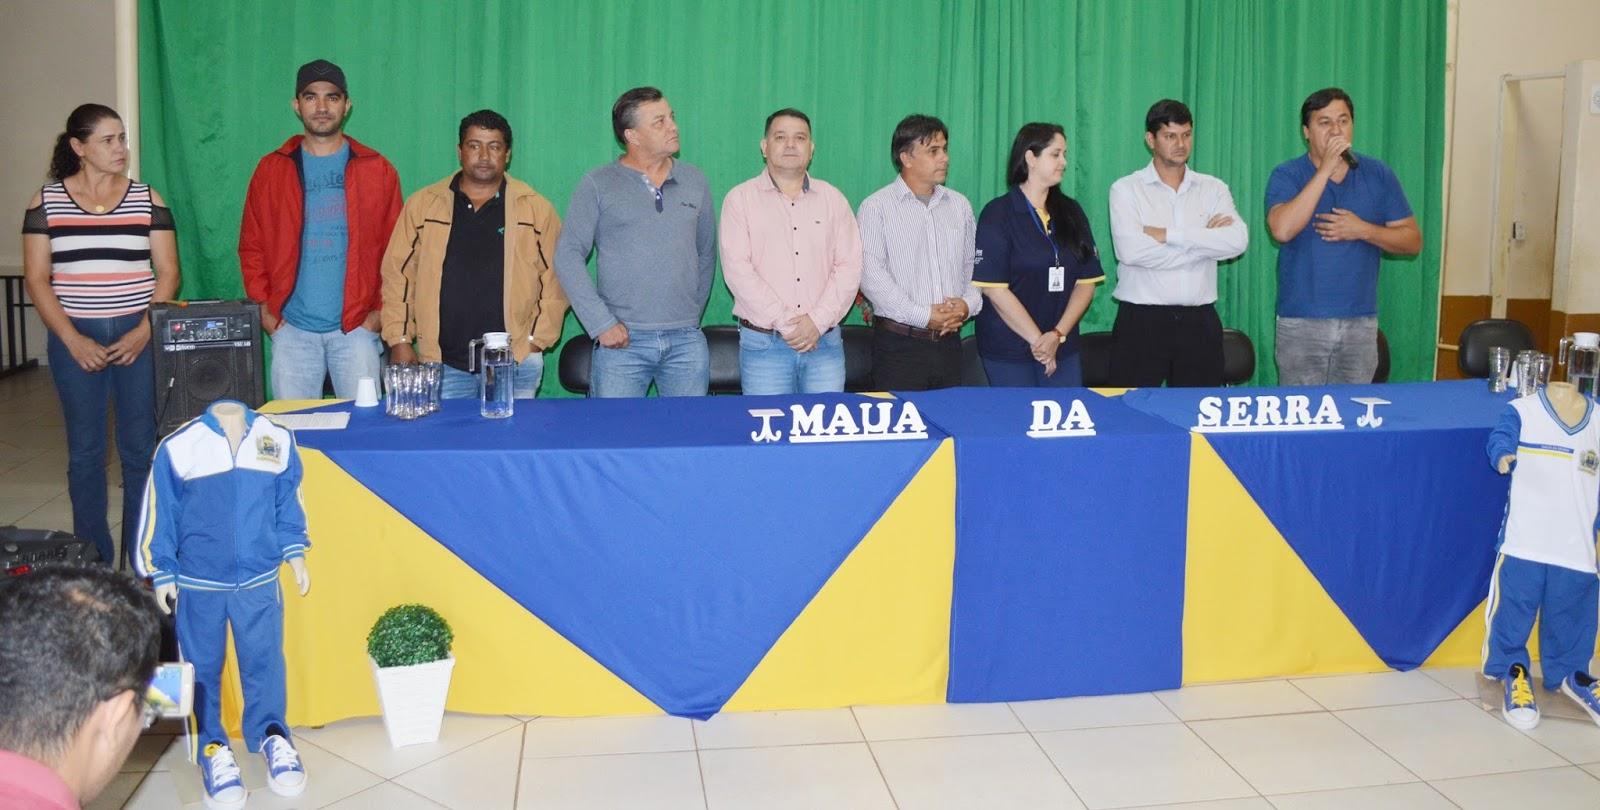 dbcd3105000c7 Blog do Sueder Martins  EDUCAÇÃO - Mauá da Serra entregou 1.100 ...